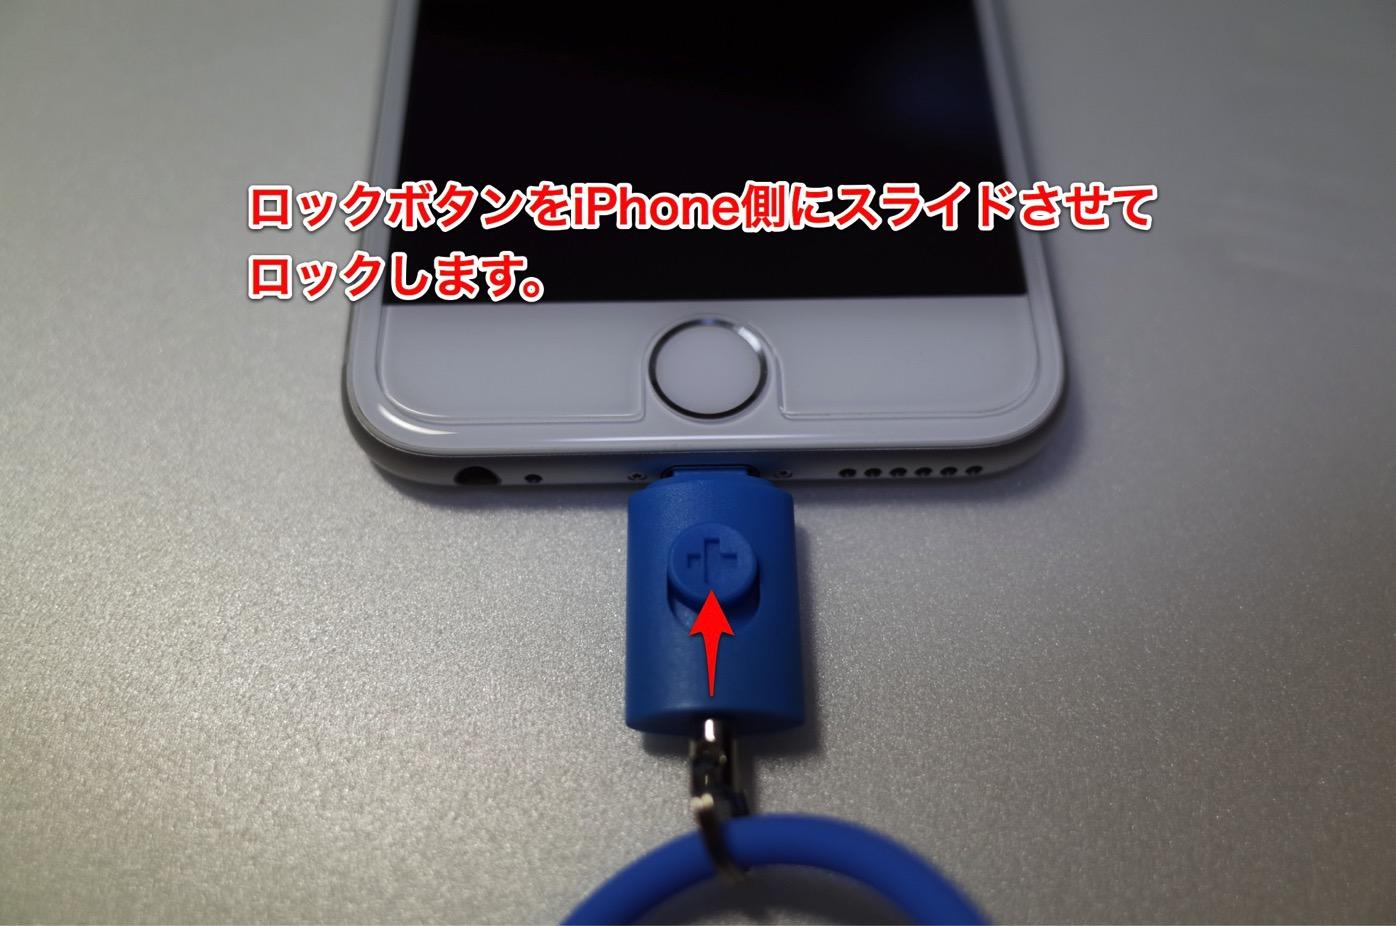 Lightningコネクター用のネックストラップ-14